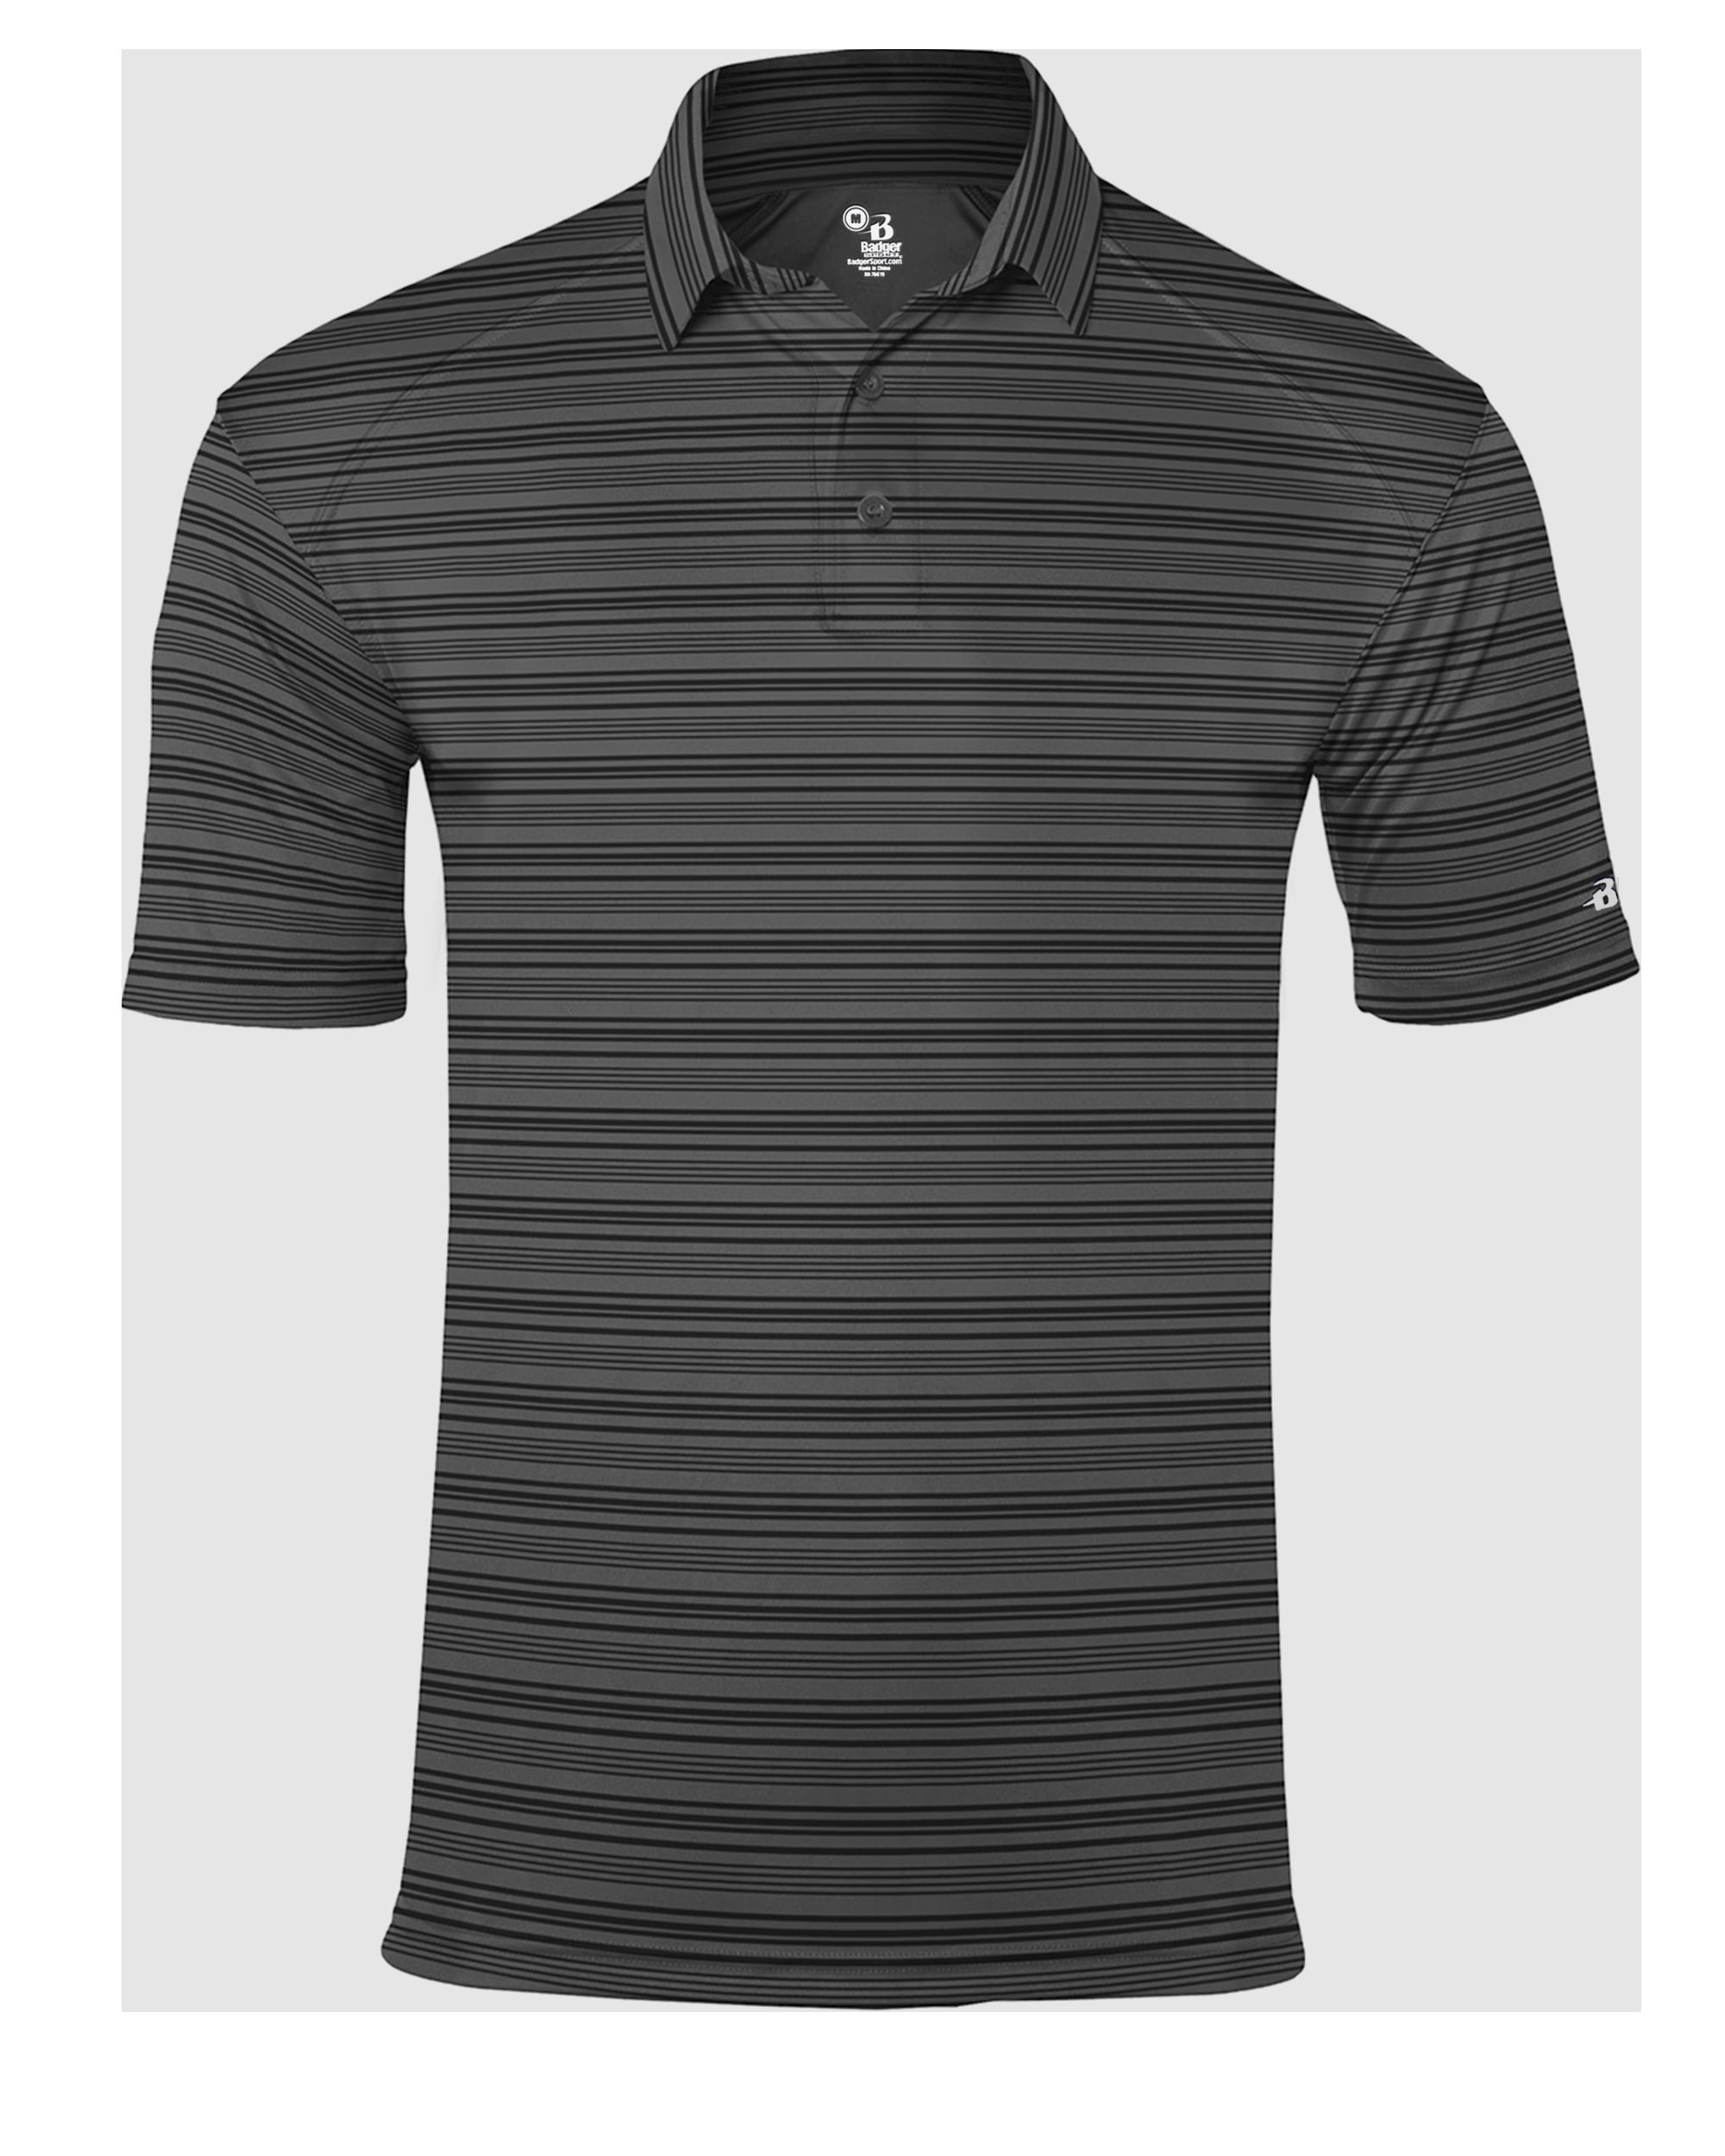 Stripe Polo - Black Stripe